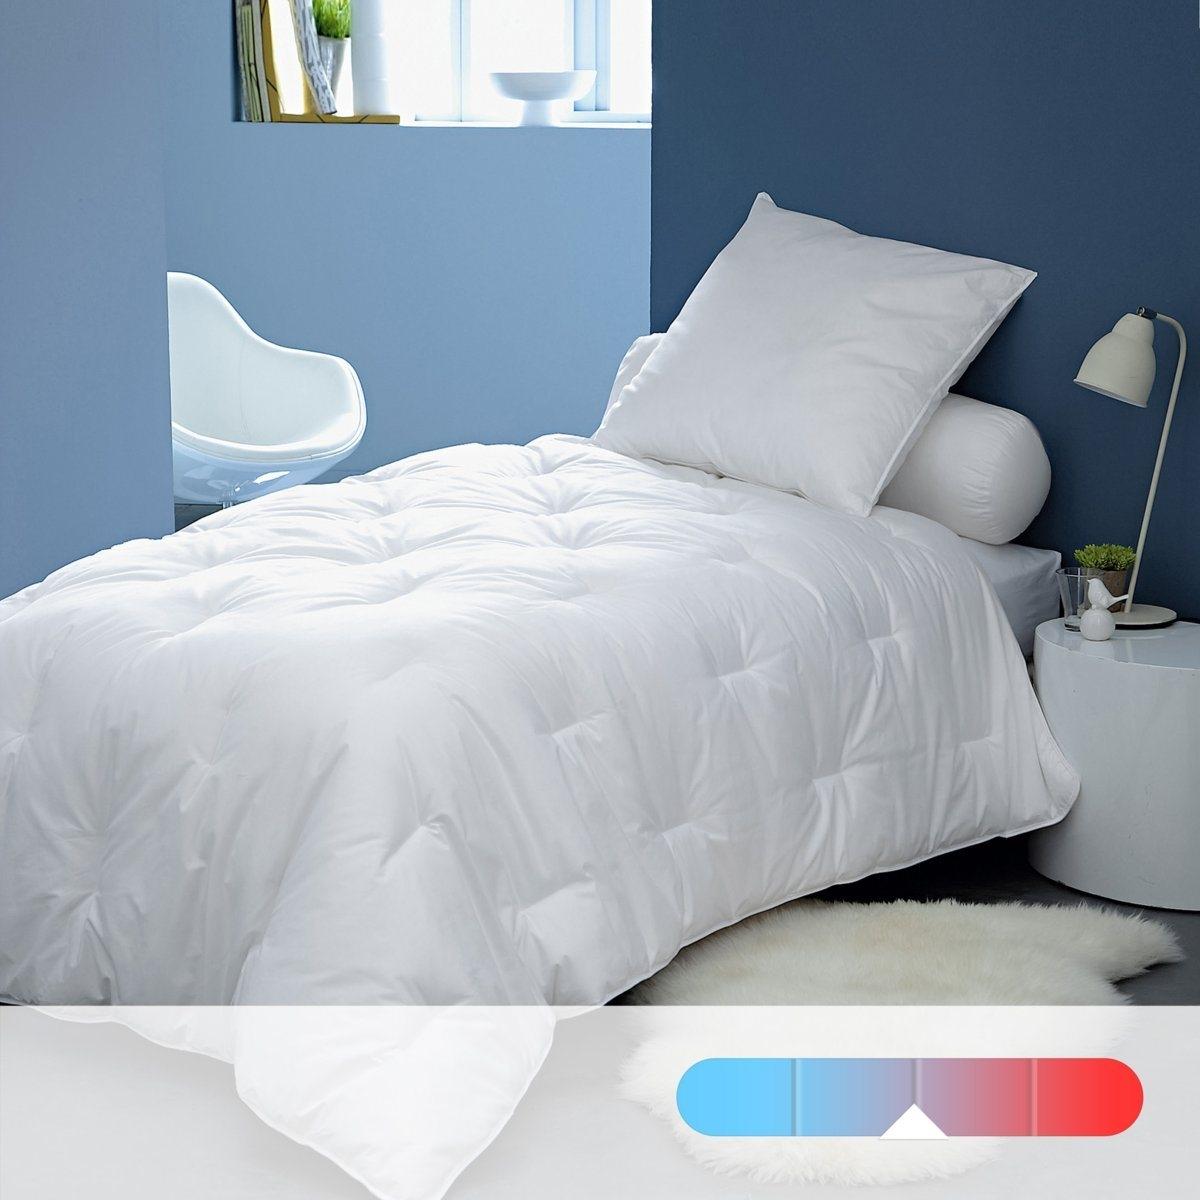 Одеяло синтетическое 350 г/м? Quallofil air, LESTRAОписание:Невероятно легкое одеяло с регуляцией тепла QUALLOFIL-AIR стандартного качества (350 г/м?) гарантирует комфортный сон на протяжении всей ночи.Характеристики синтетического одеяла стандартного качества: •  качество наполнителя VALEUR S?RE : эксклюзивный наполнитель, состоящий из полых очень тонких волокон с силиконовой оболочкой, отличающихся невероятной пышностью и легкостью, 100% полиэстер обеспечивает циркуляцию воздуха и не позволяет влаге скапливаться . •  Верх: перкаль из 100% хлопка. •  Прострочка: стежками. •  Уход : Стирать при 40°, допускается машинная сушка на умеренном режиме. •  Идеально при комнатной температуре 15° - 18°.<br><br>Цвет: белый